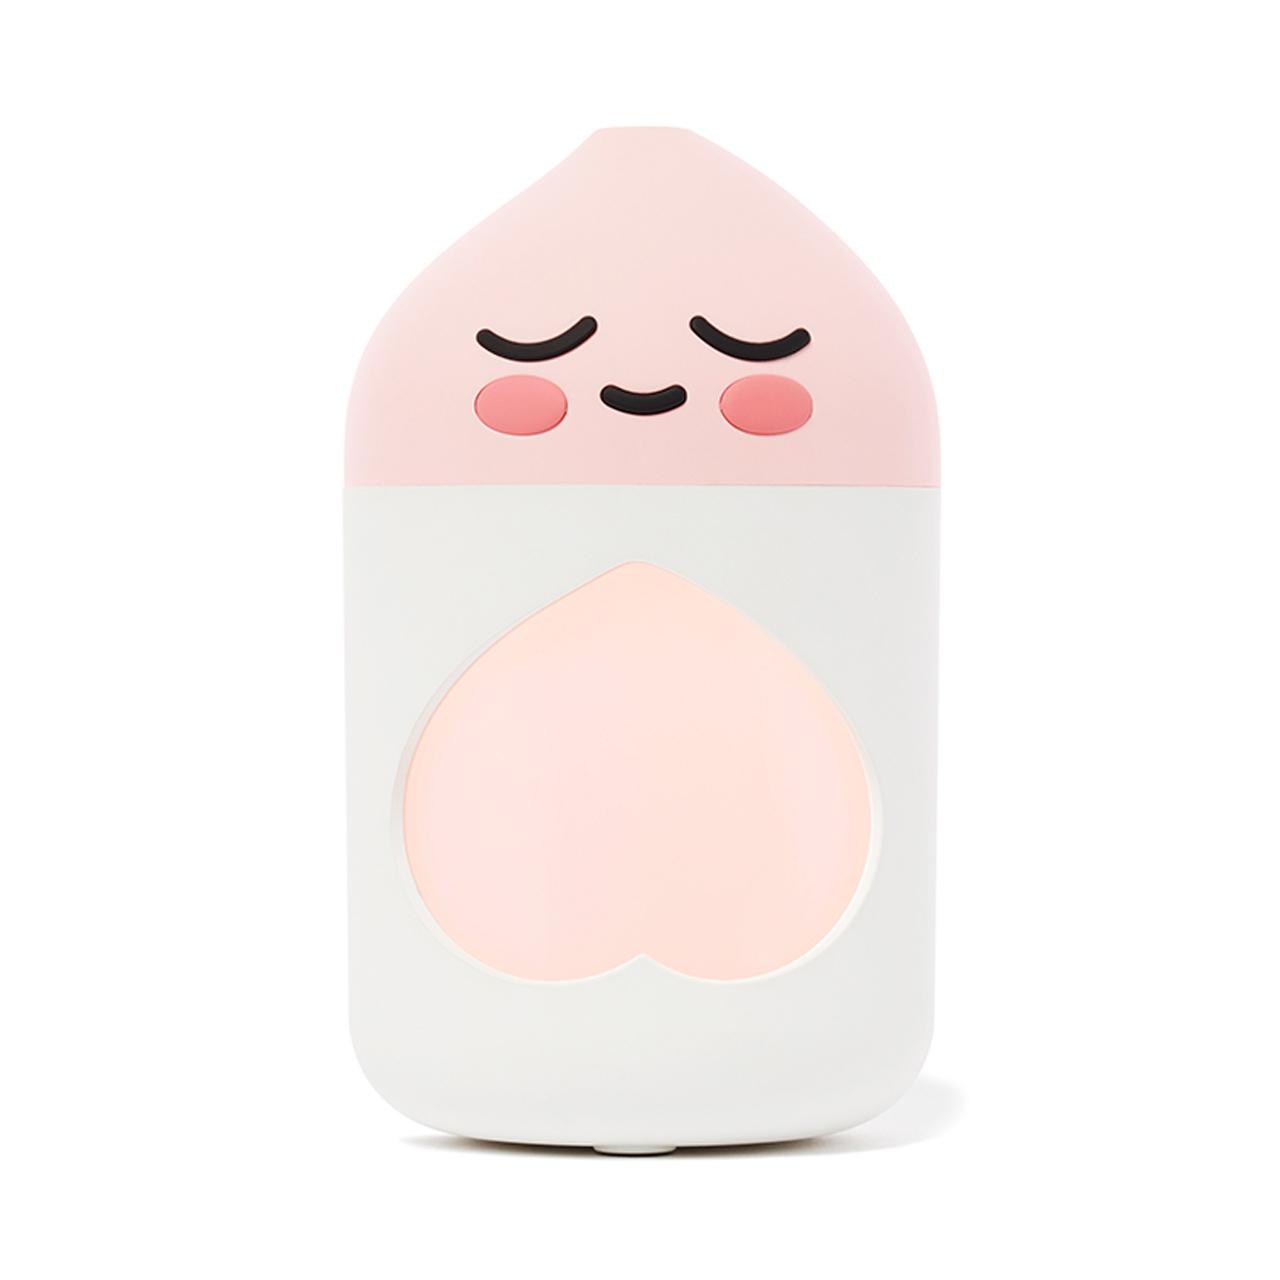 Kakao Friends - APEACH 小夜燈連加濕器 (USB插頭)